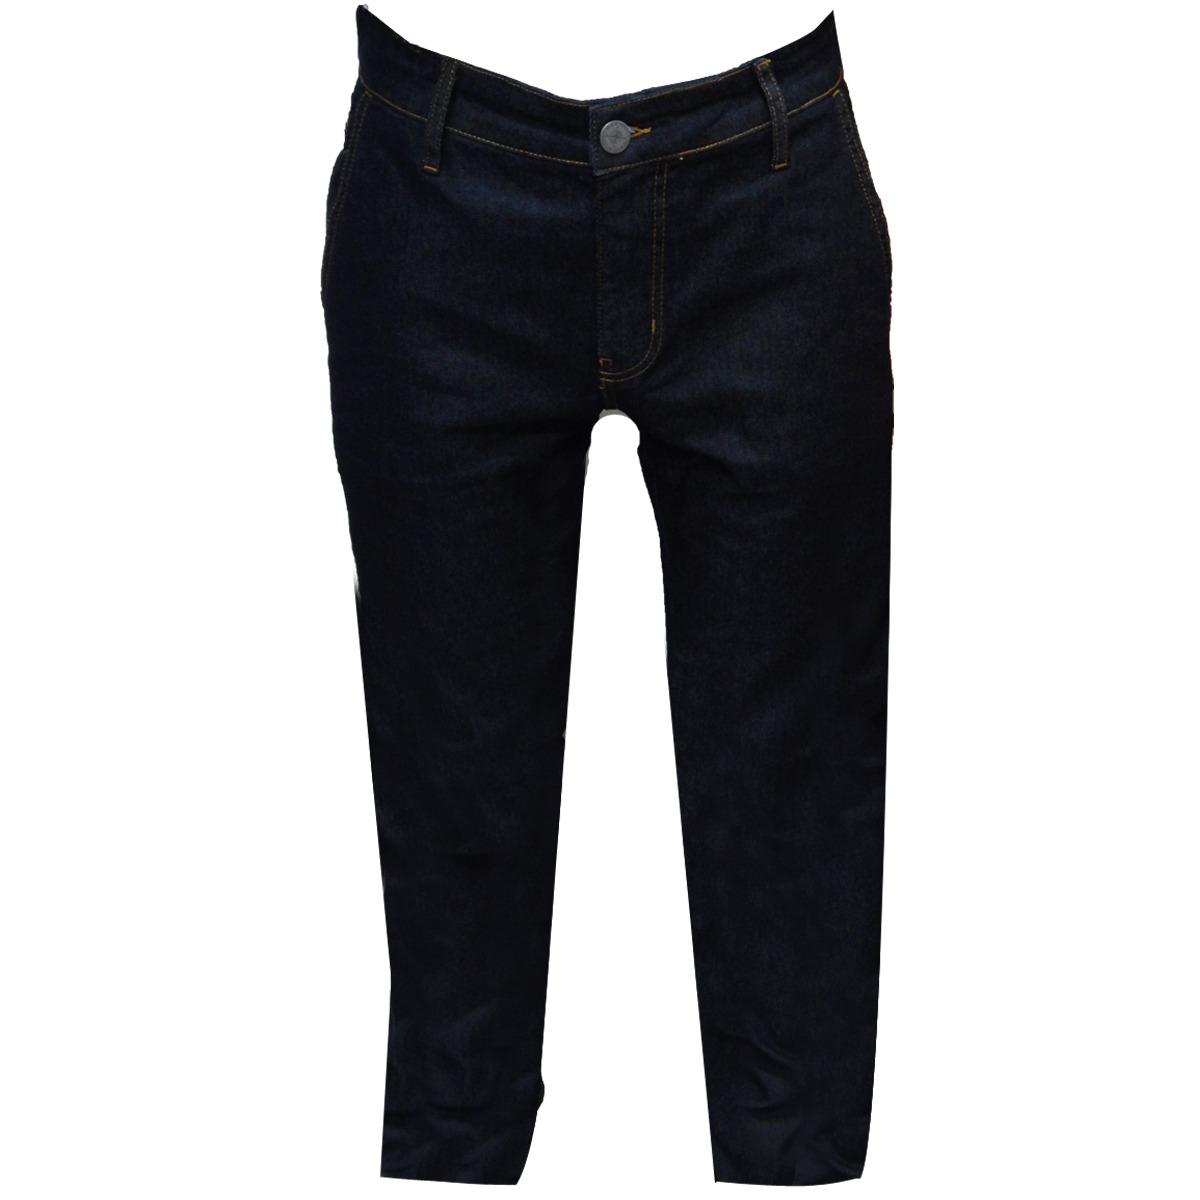 086598dad Calça Jeans Mormaii Street Fit - R$ 199,90 em Mercado Livre